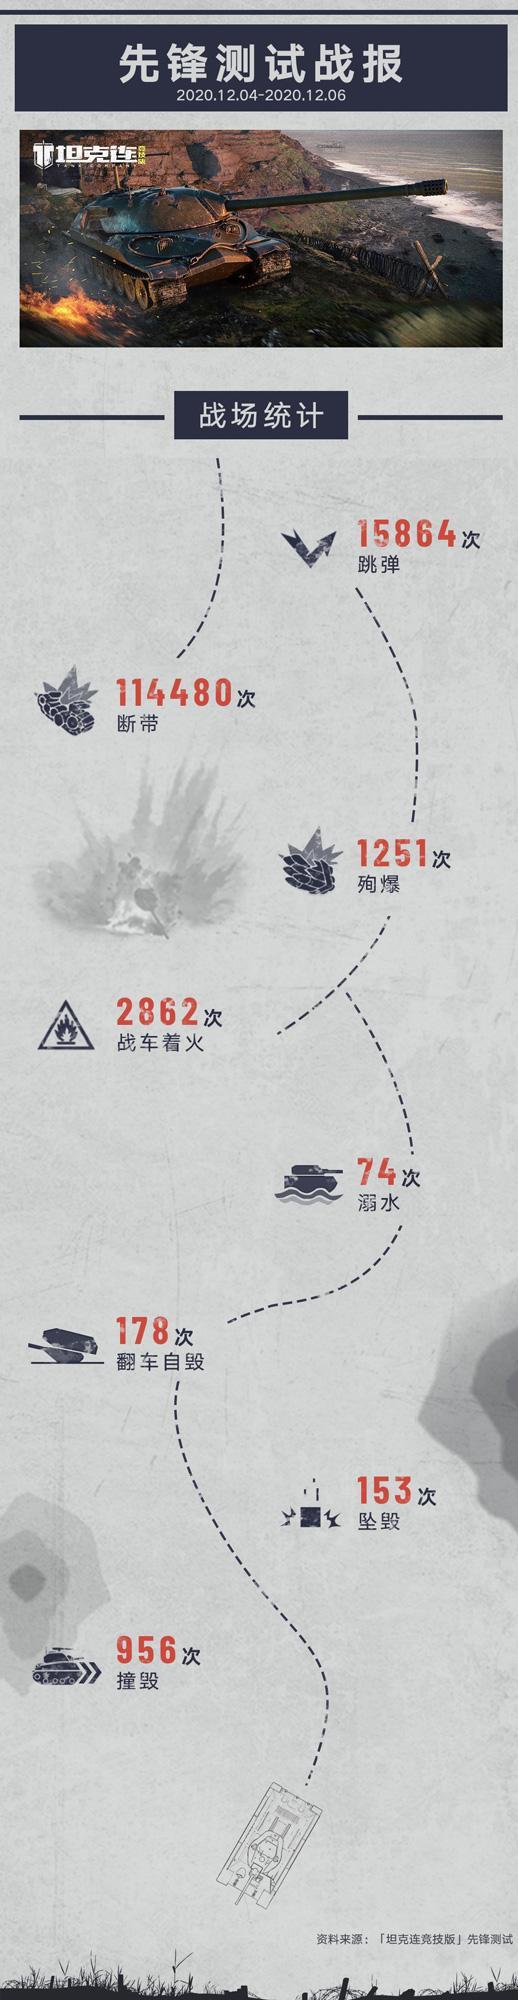 图四:道路千万条,安全第一条!.jpg